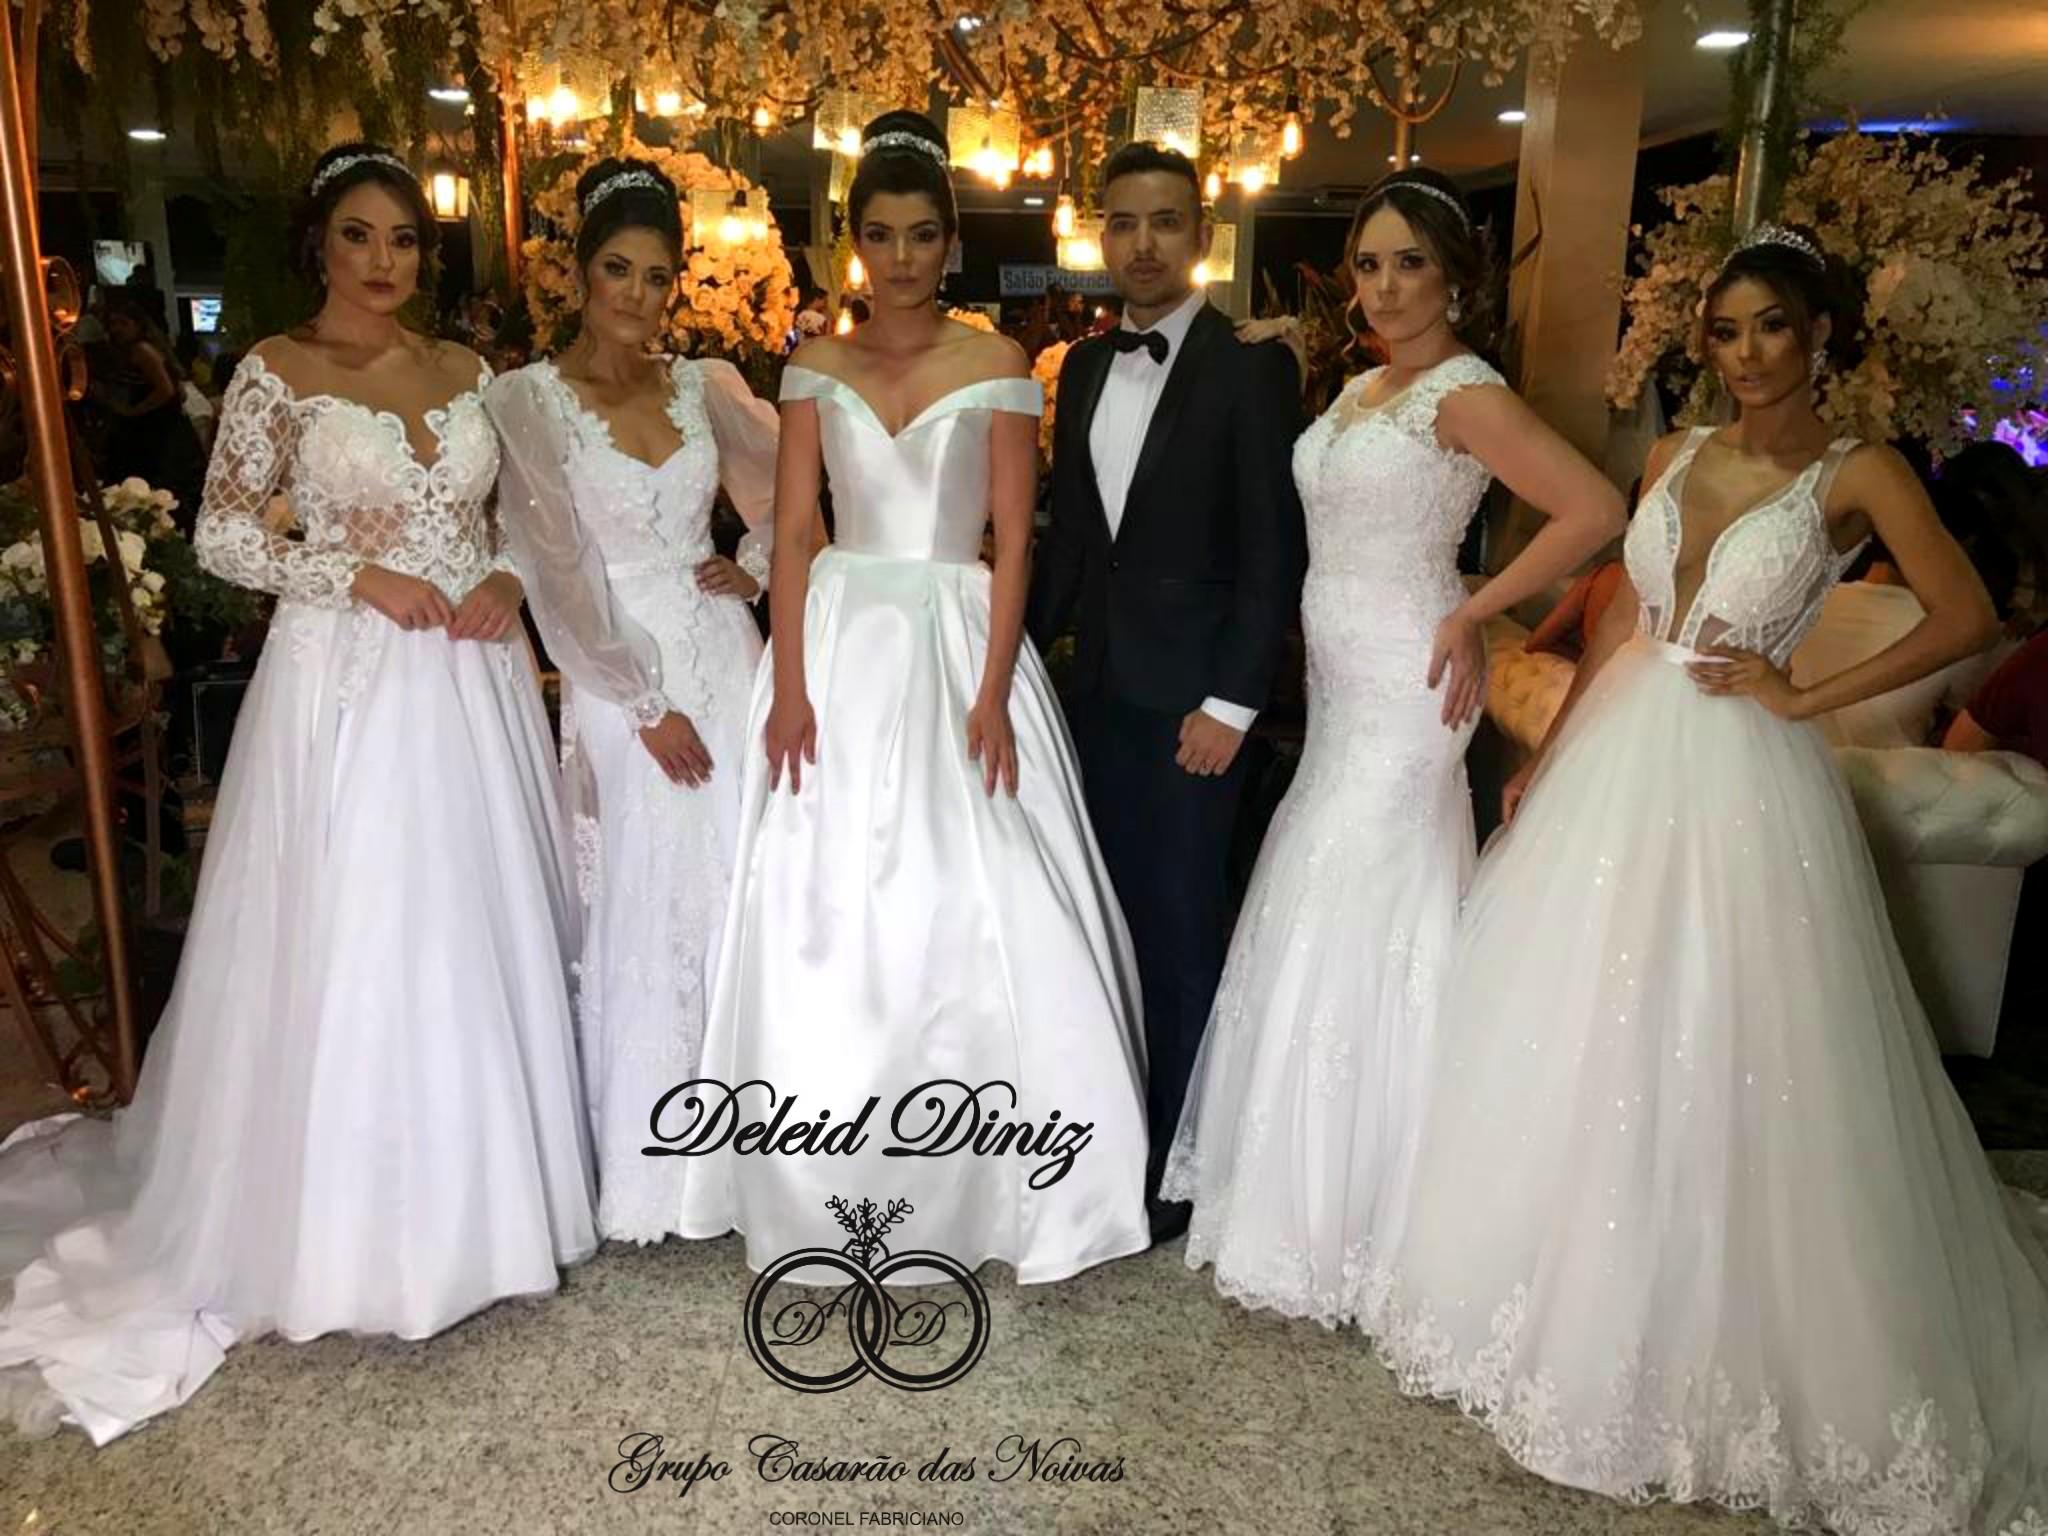 Ateliê Deleid Diniz Grupo Casarão das Noivas